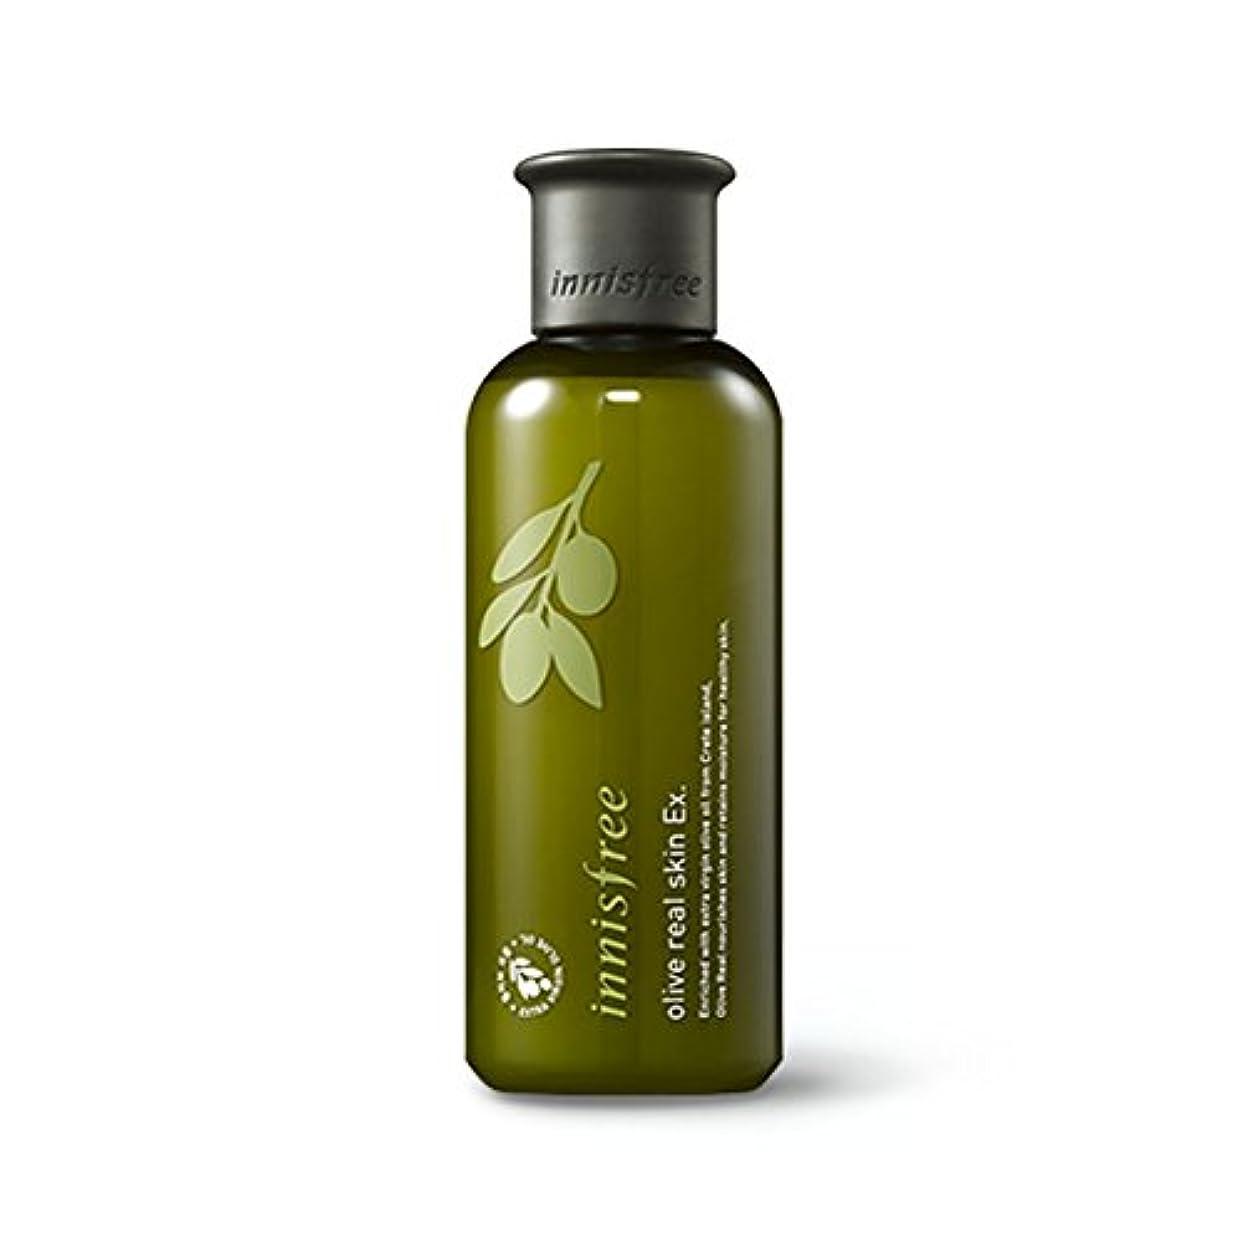 学校の先生手荷物ホストイニスフリーオリーブリアルスキン 200ml Innisfree Olive Real Skin Ex. 200ml [海外直送品][並行輸入品]